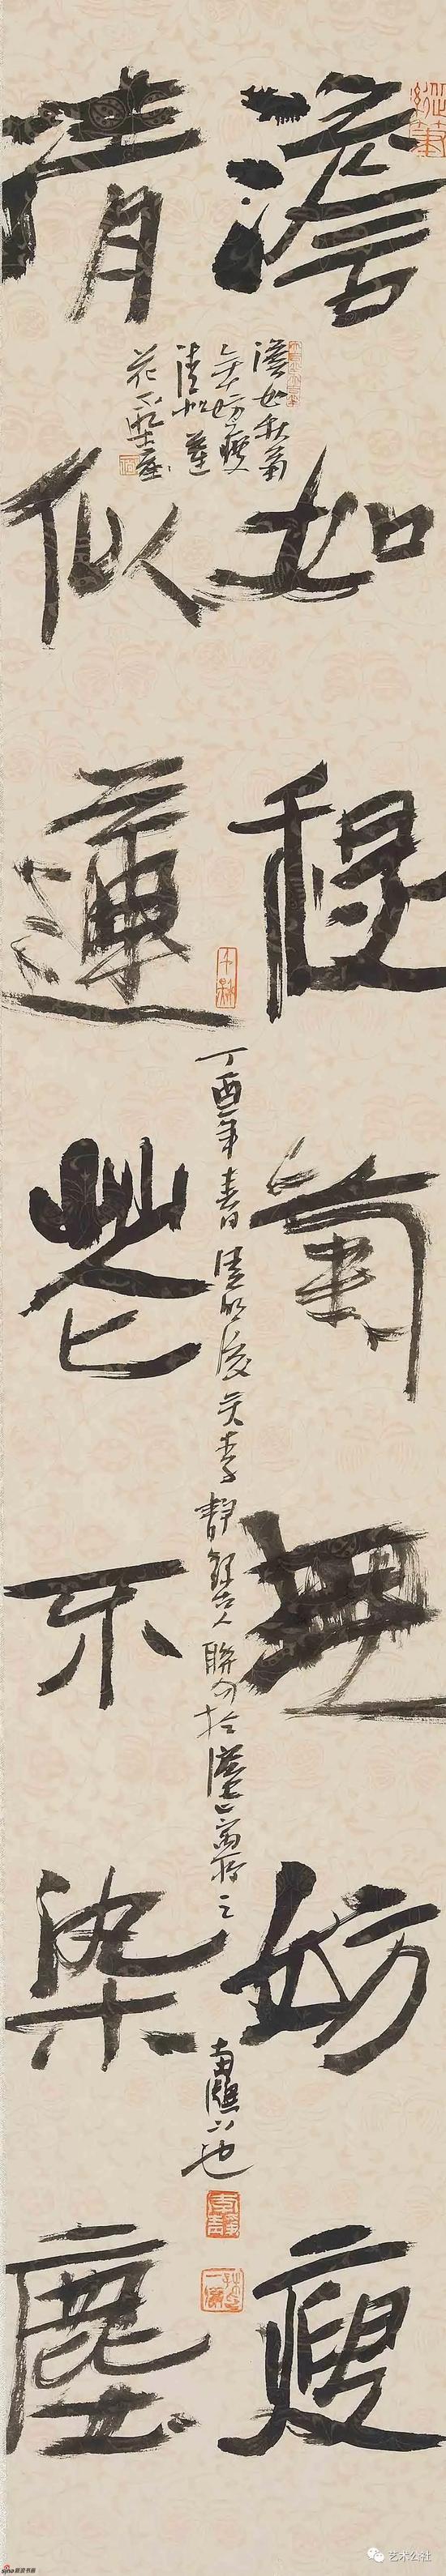 李静《淡如秋菊无妨瘦,清似莲花不染尘》128×22cm